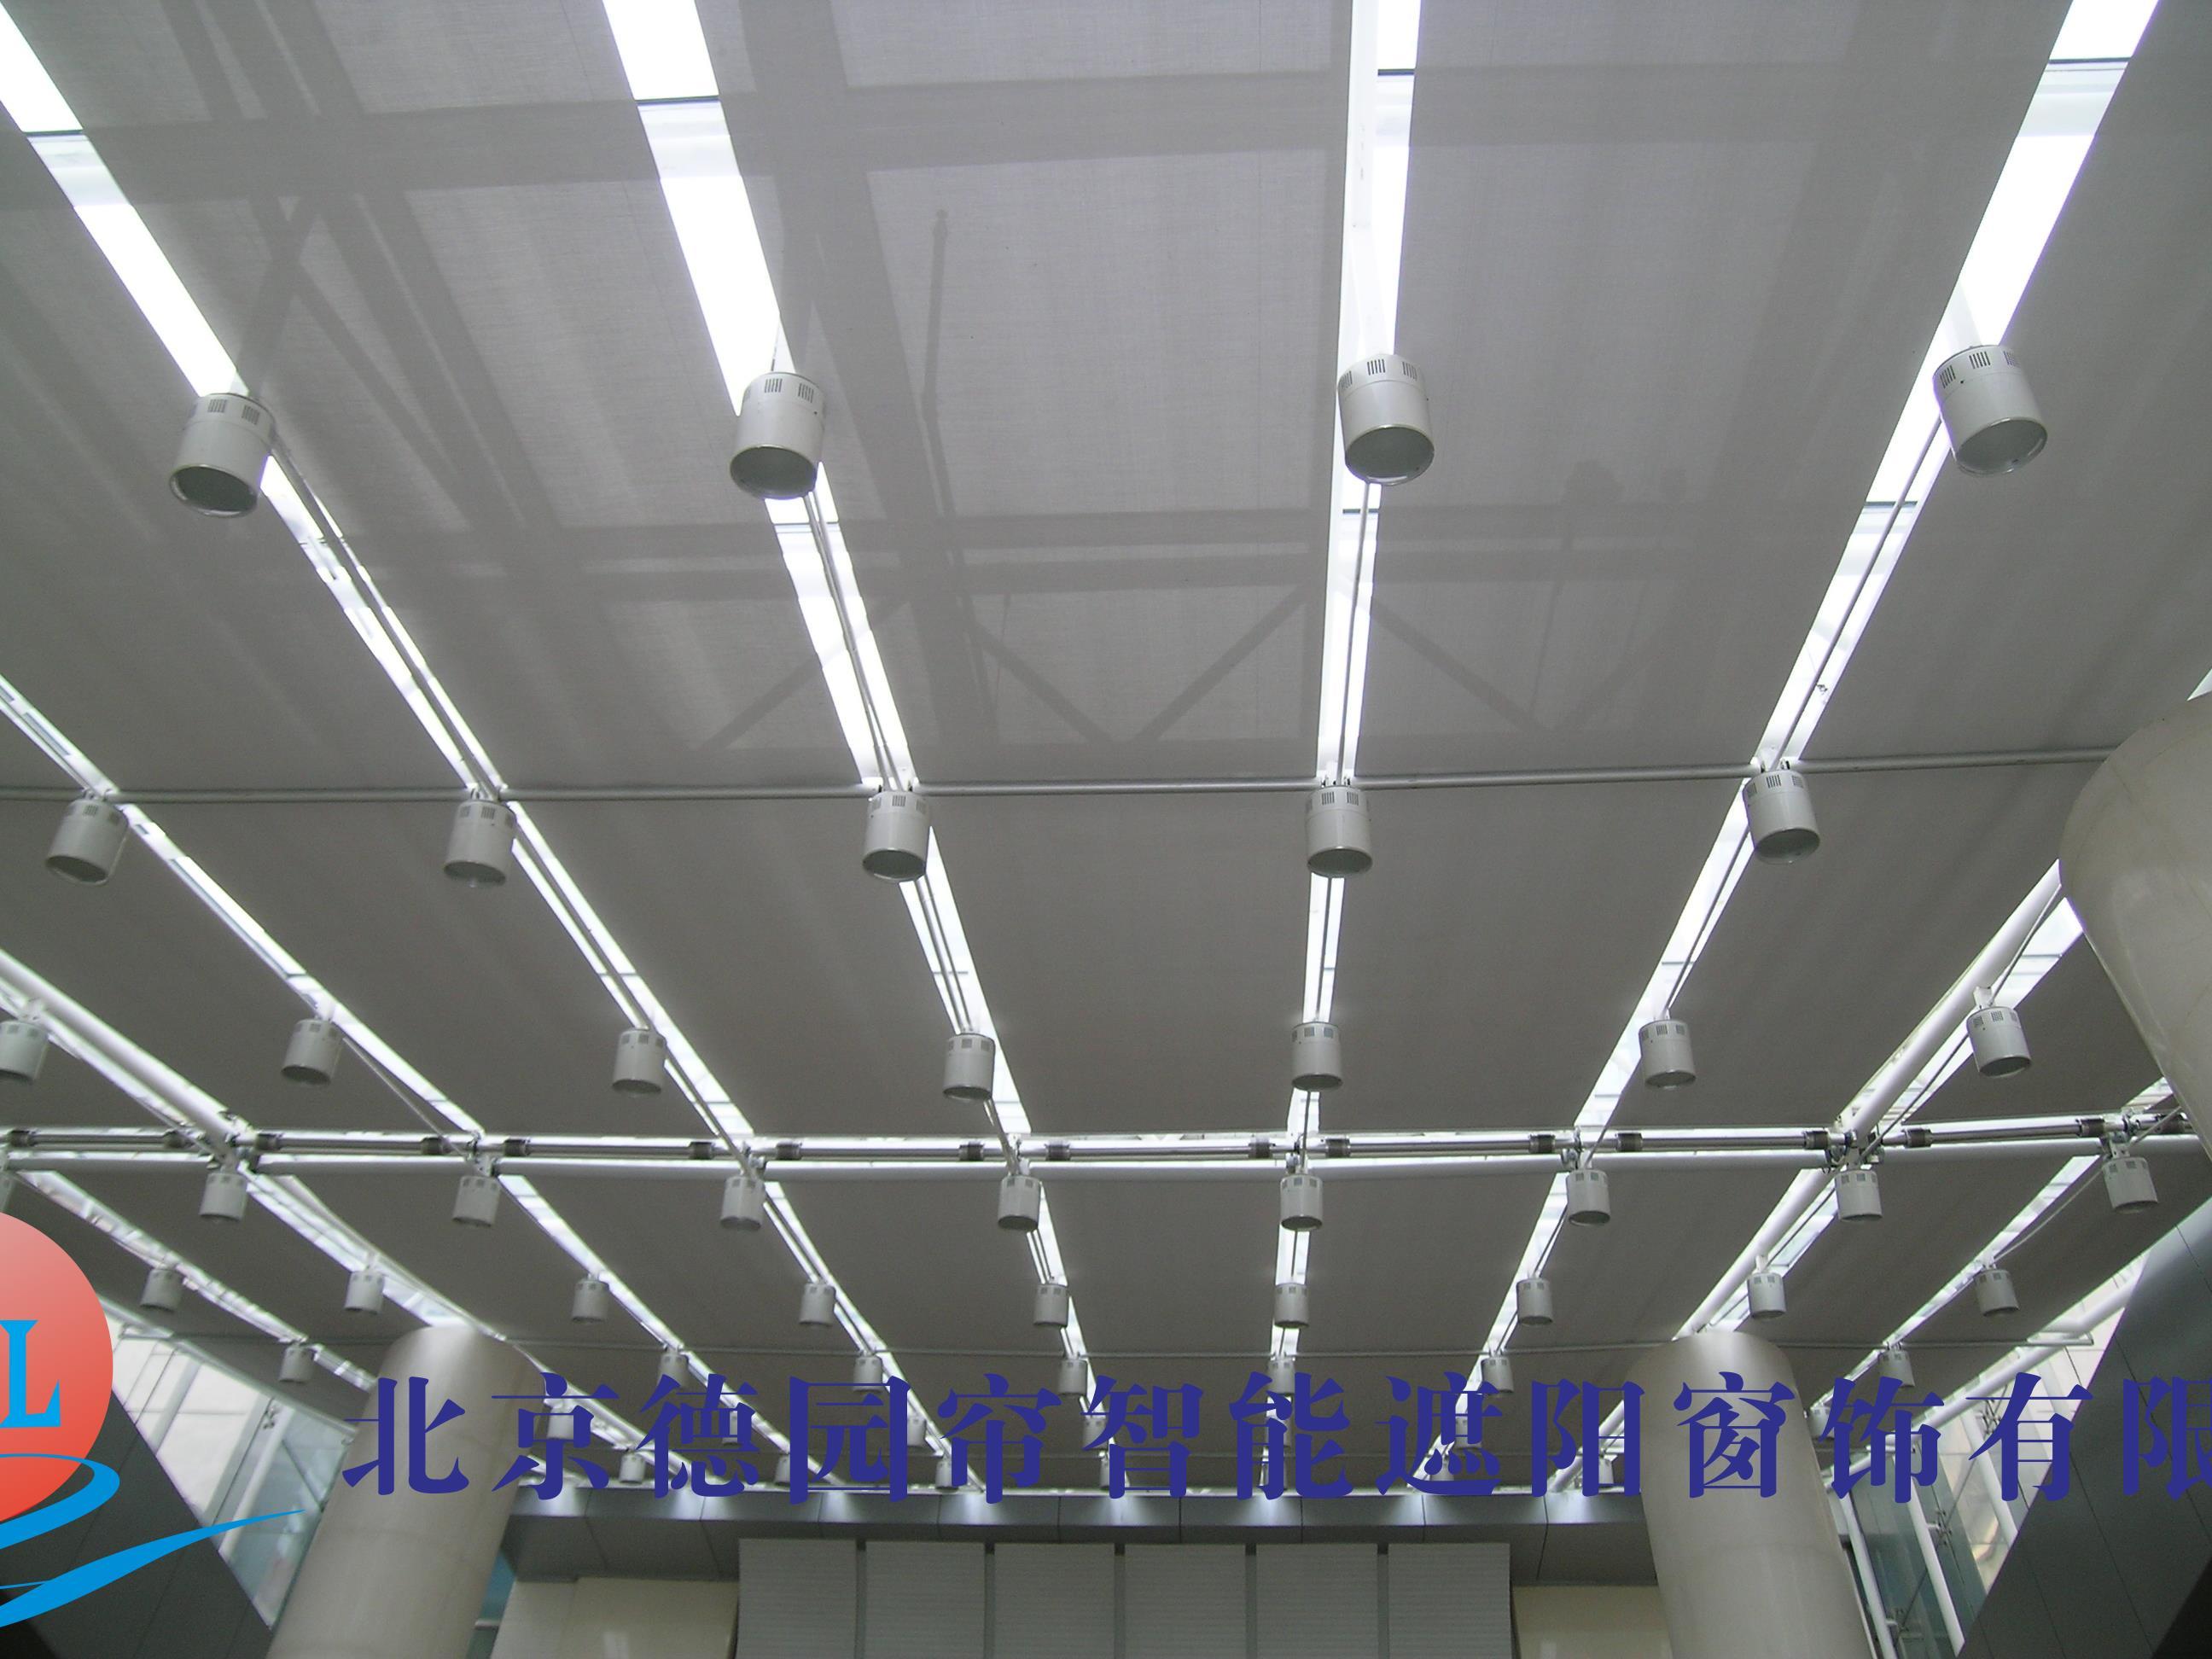 DSCN3627